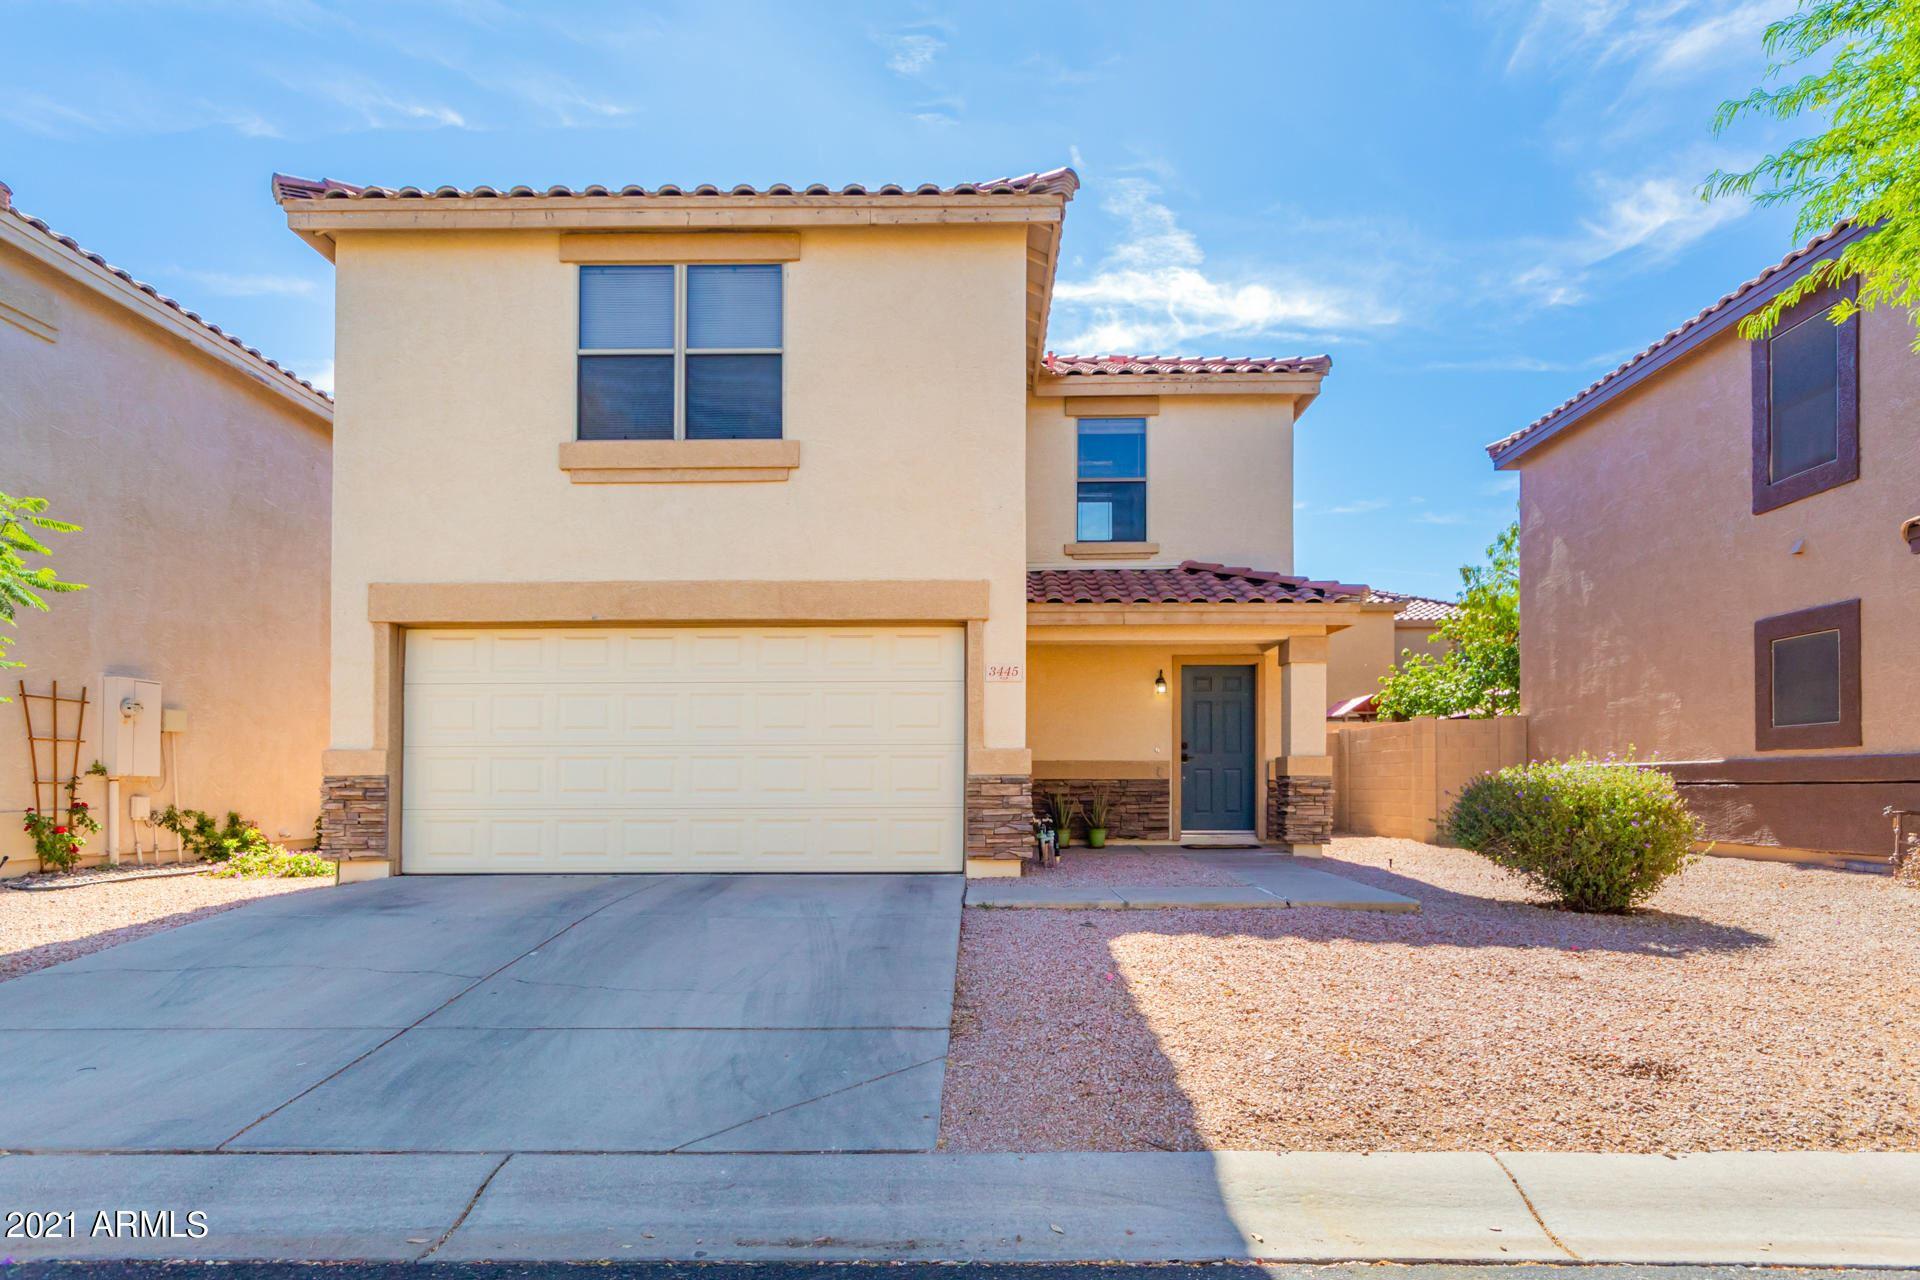 3445 S CHAPARRAL Road, Apache Junction, AZ 85119 - MLS#: 6249158